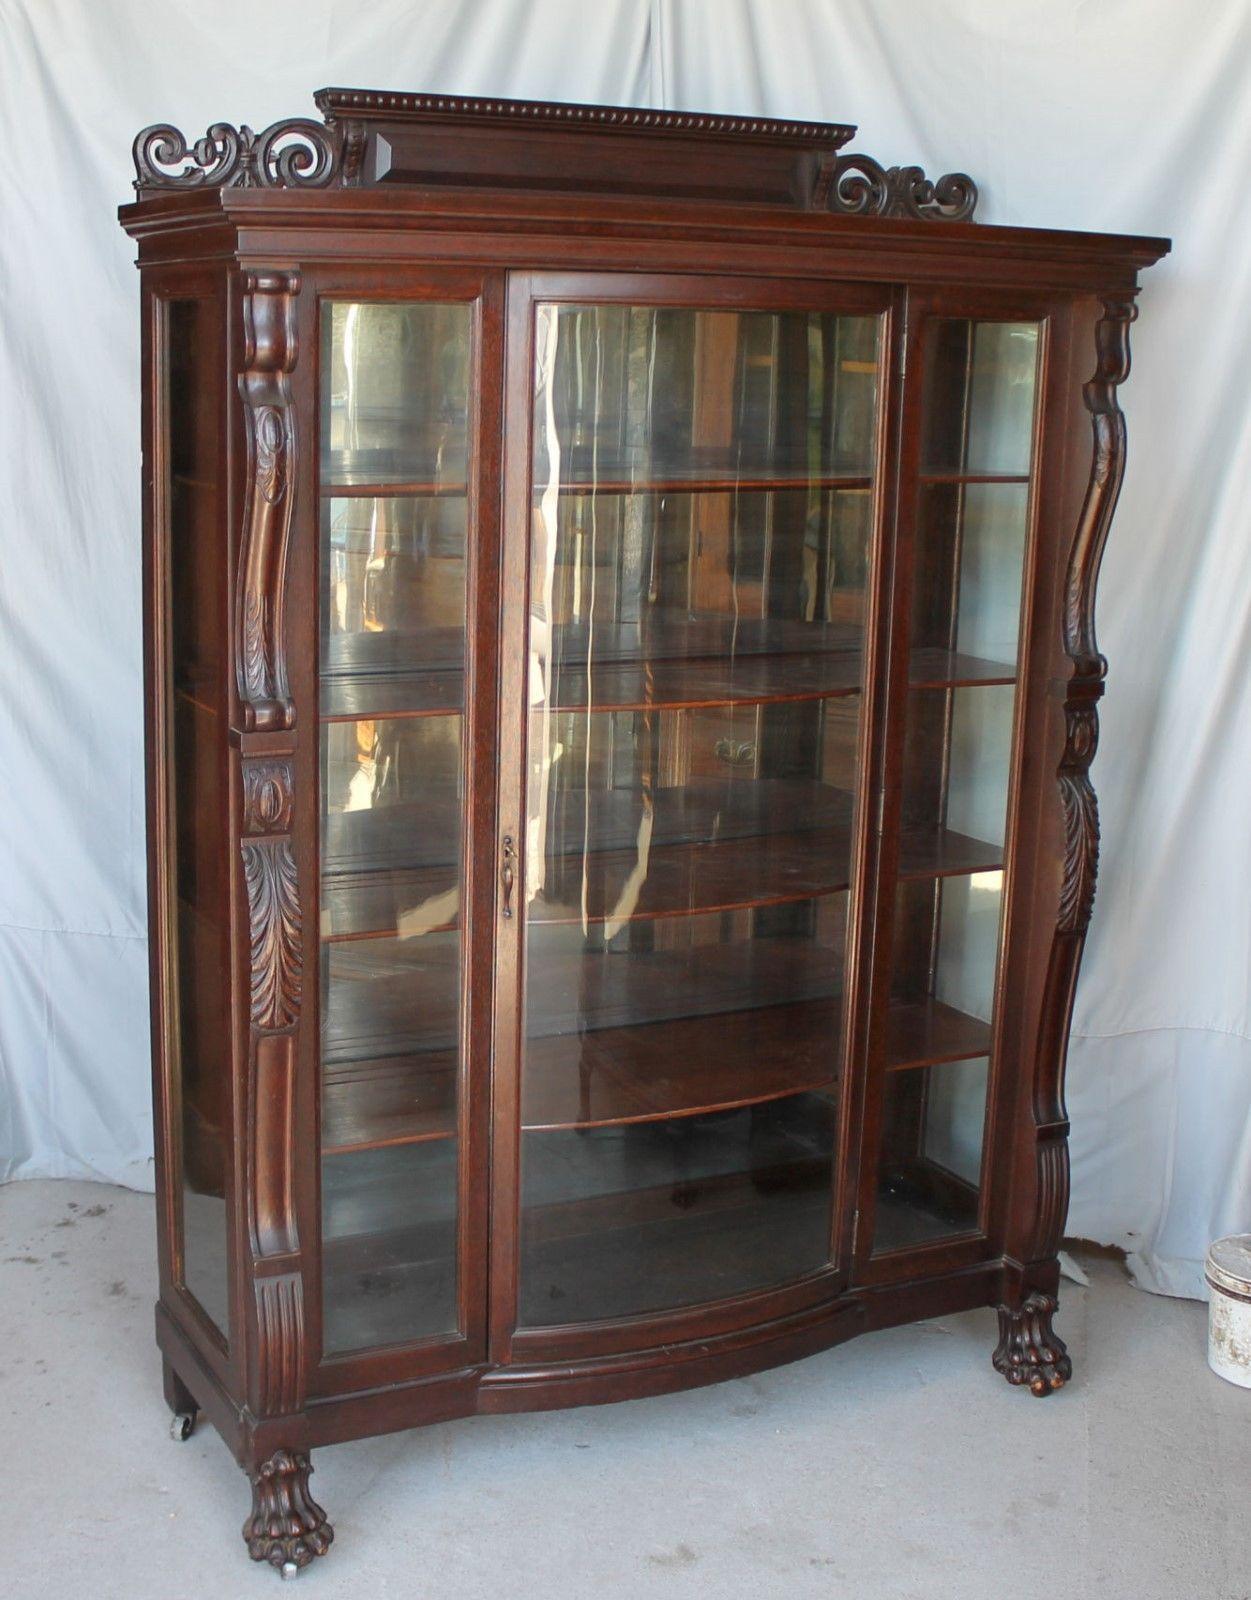 Large Antique Carved Oak China Curio Cabinet Original Finish Antique Furniture Furniture China Cabinet